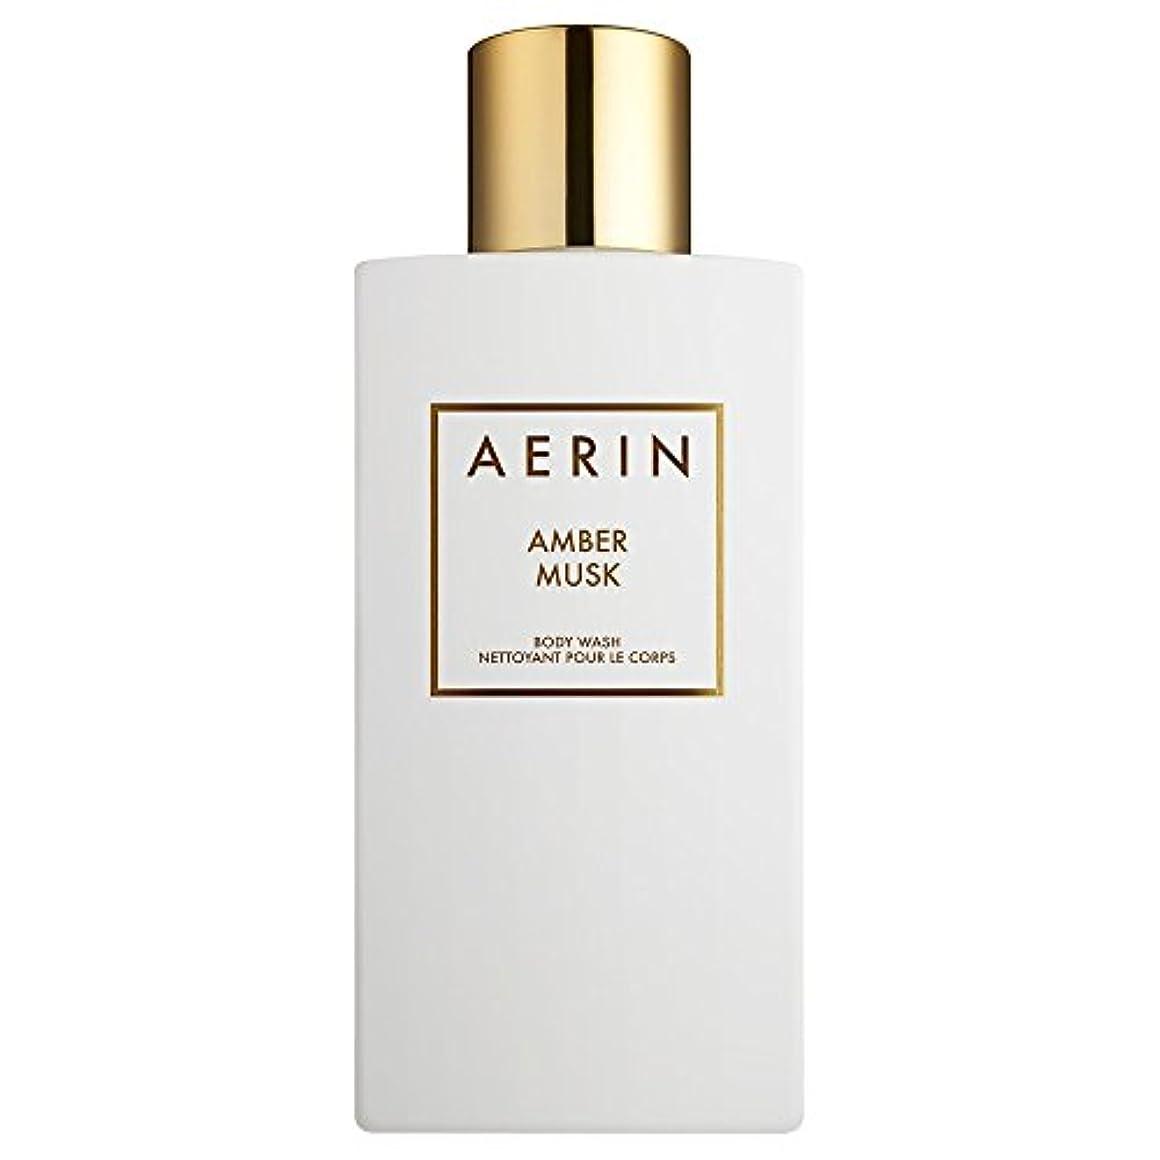 ファッション恩恵ディスコAerinアンバームスクボディウォッシュ225ミリリットル (AERIN) (x2) - AERIN Amber Musk Bodywash 225ml (Pack of 2) [並行輸入品]